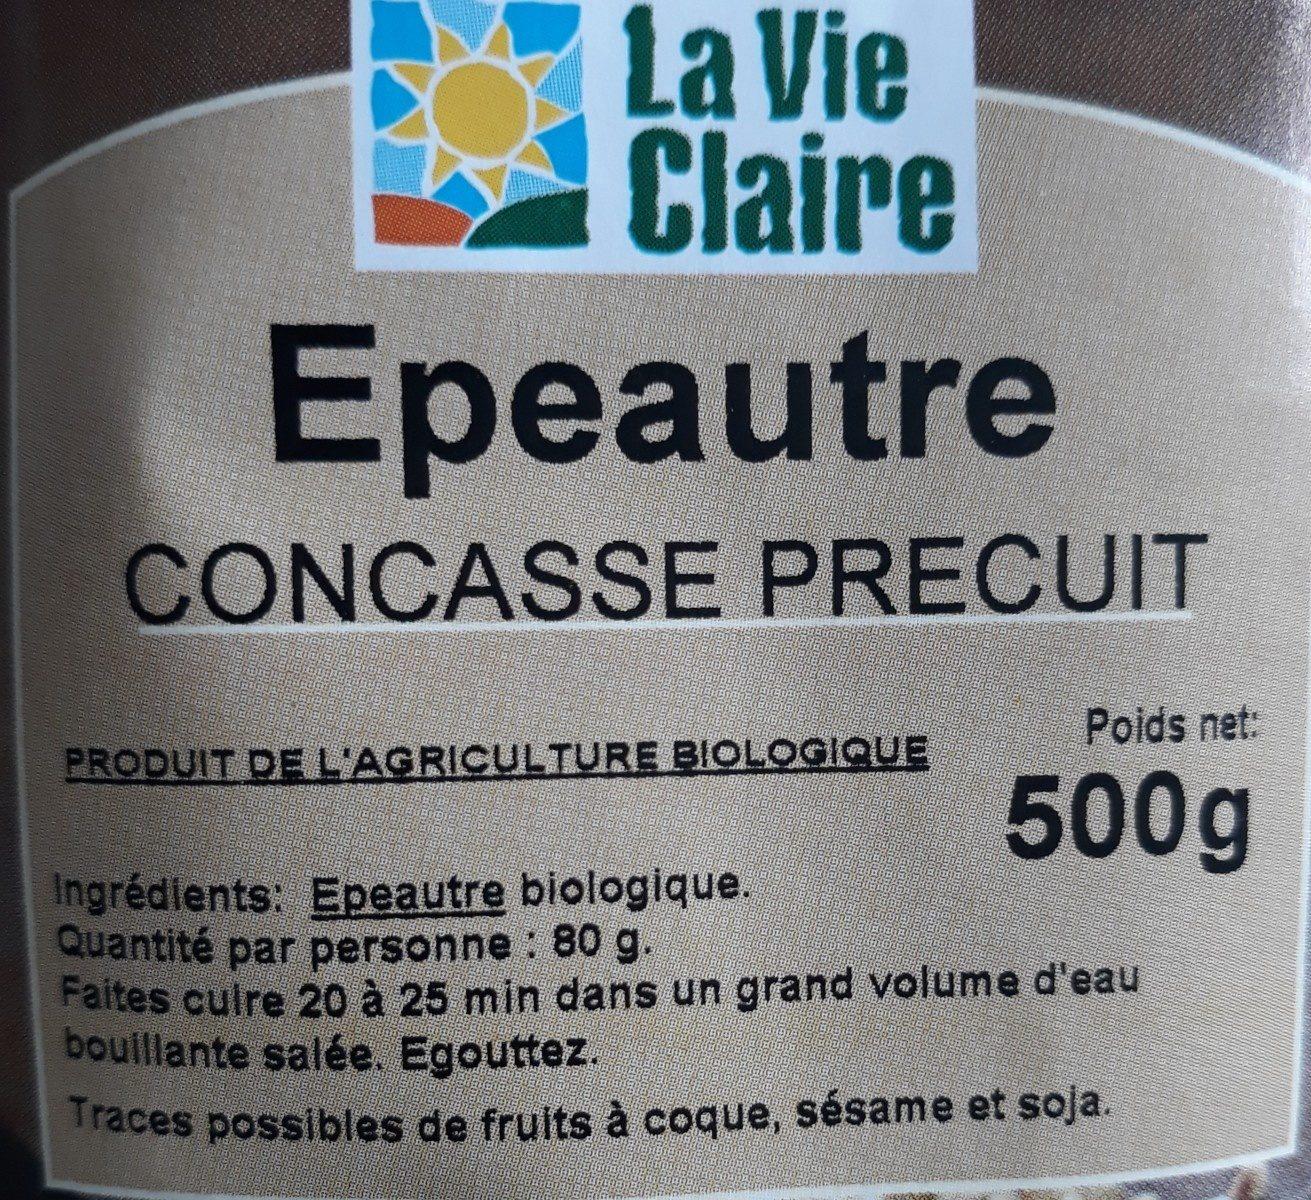 Épeautre concasse precuit - Ingrediënten - fr